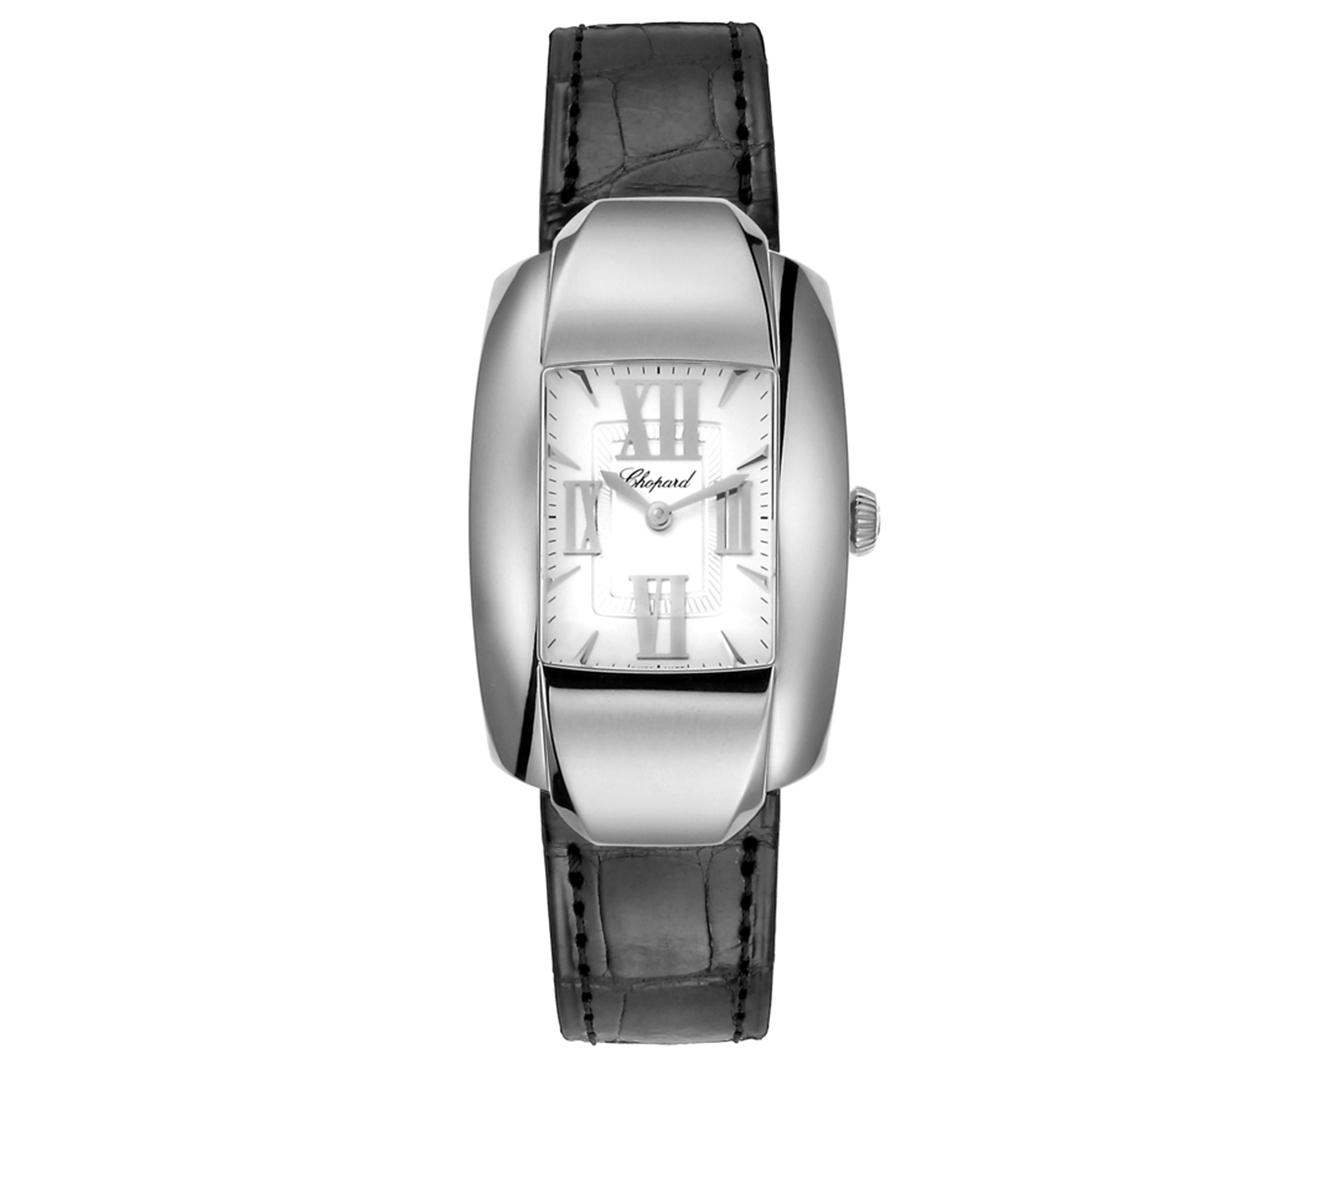 Оригинальные часы можно носить как на руке, прикрепив к ним кожаный ремешок, так и в кармане.